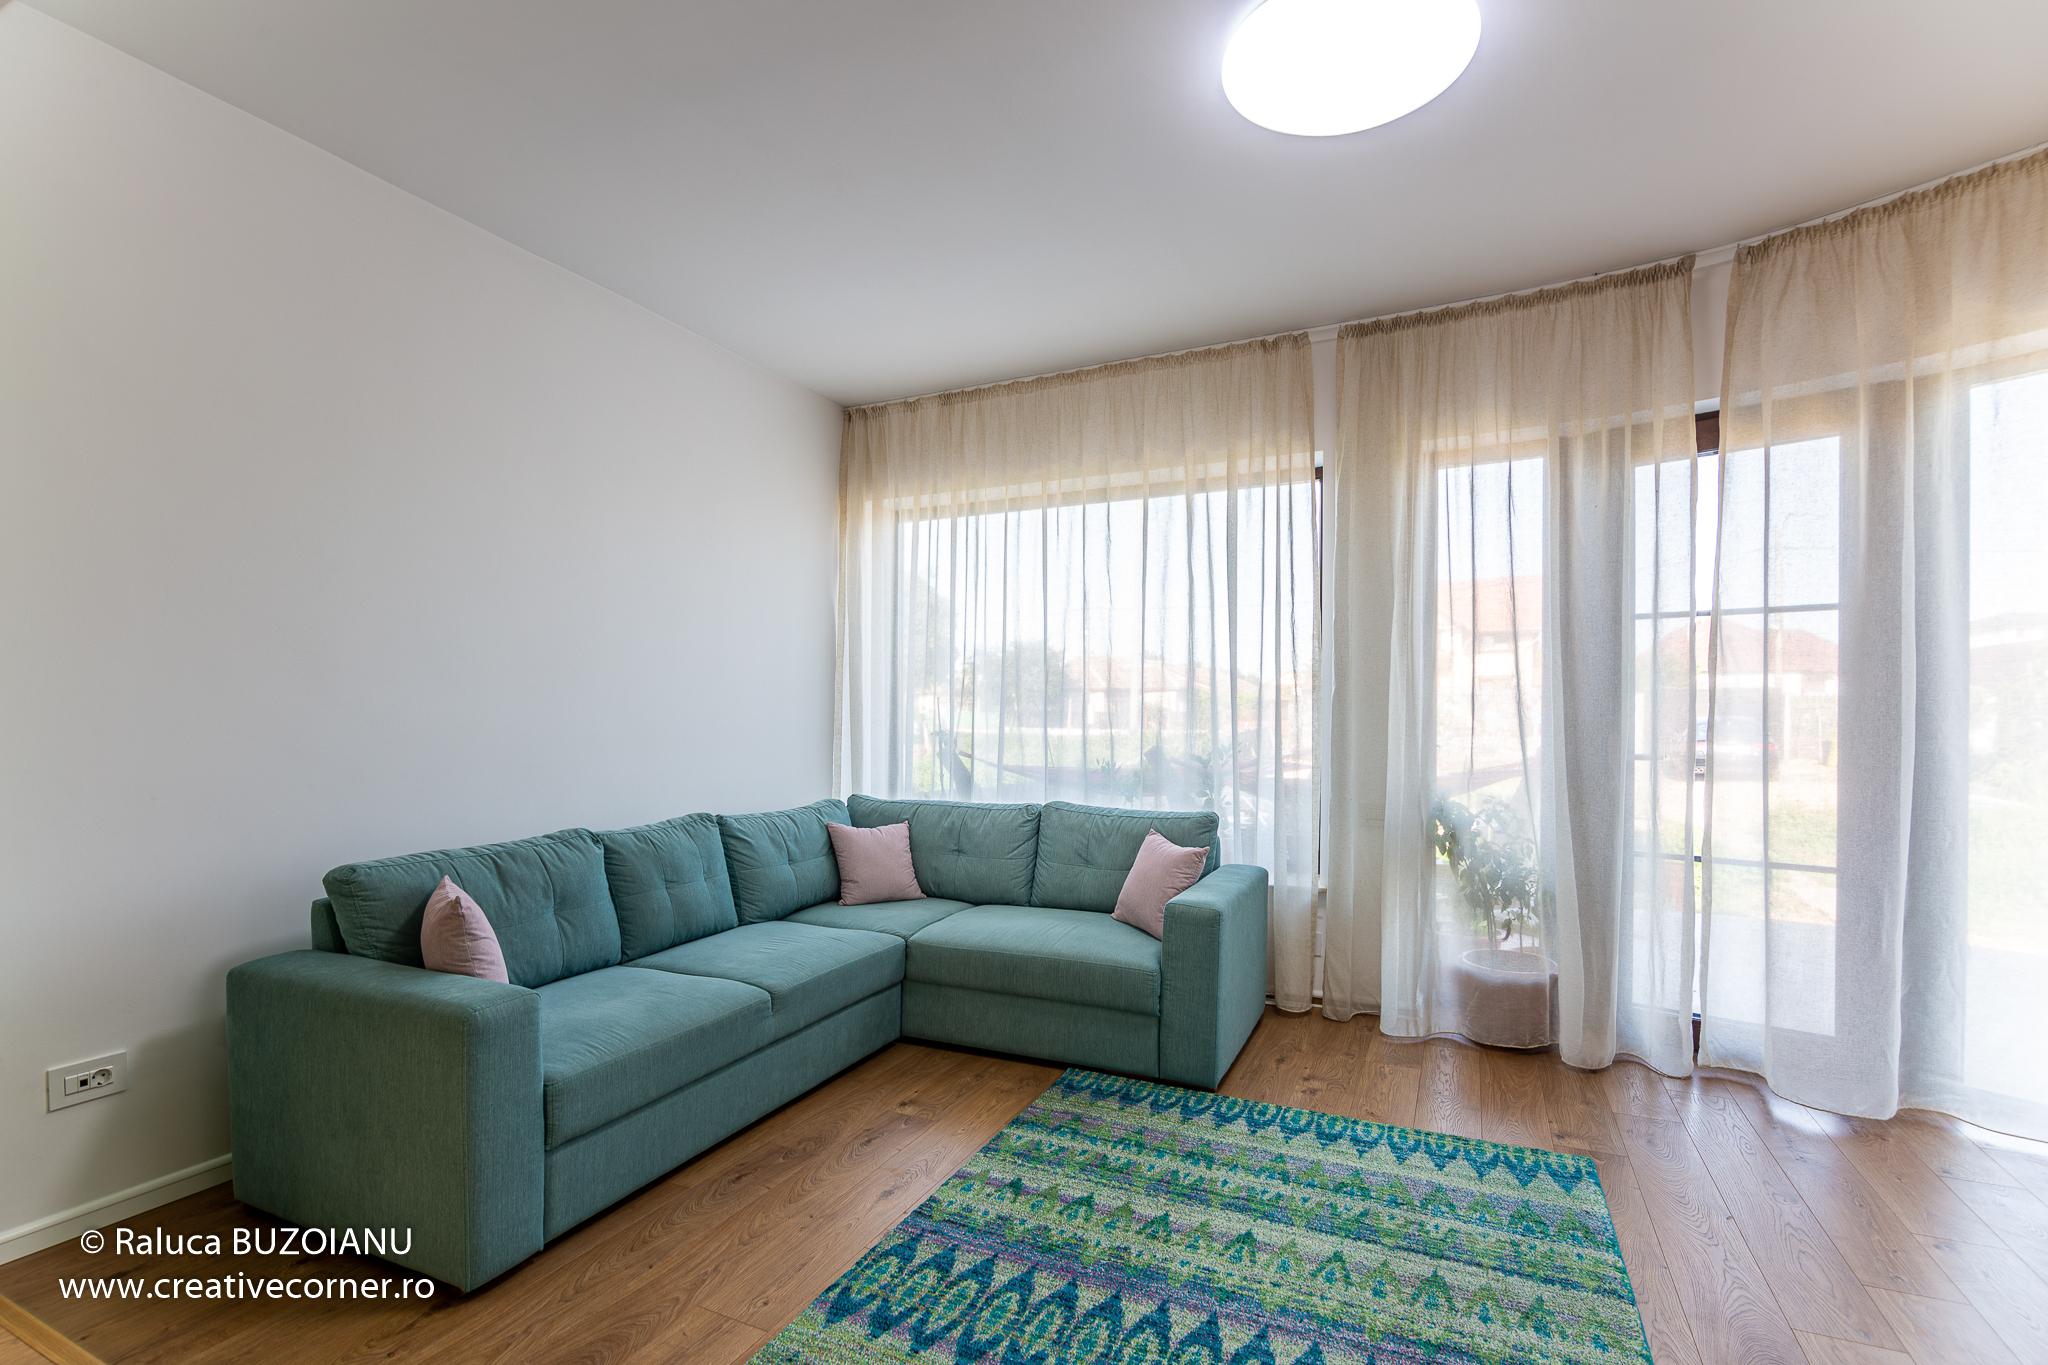 Casa-de-vanzare-Mihail-Kogalniceanu-Constanta-05